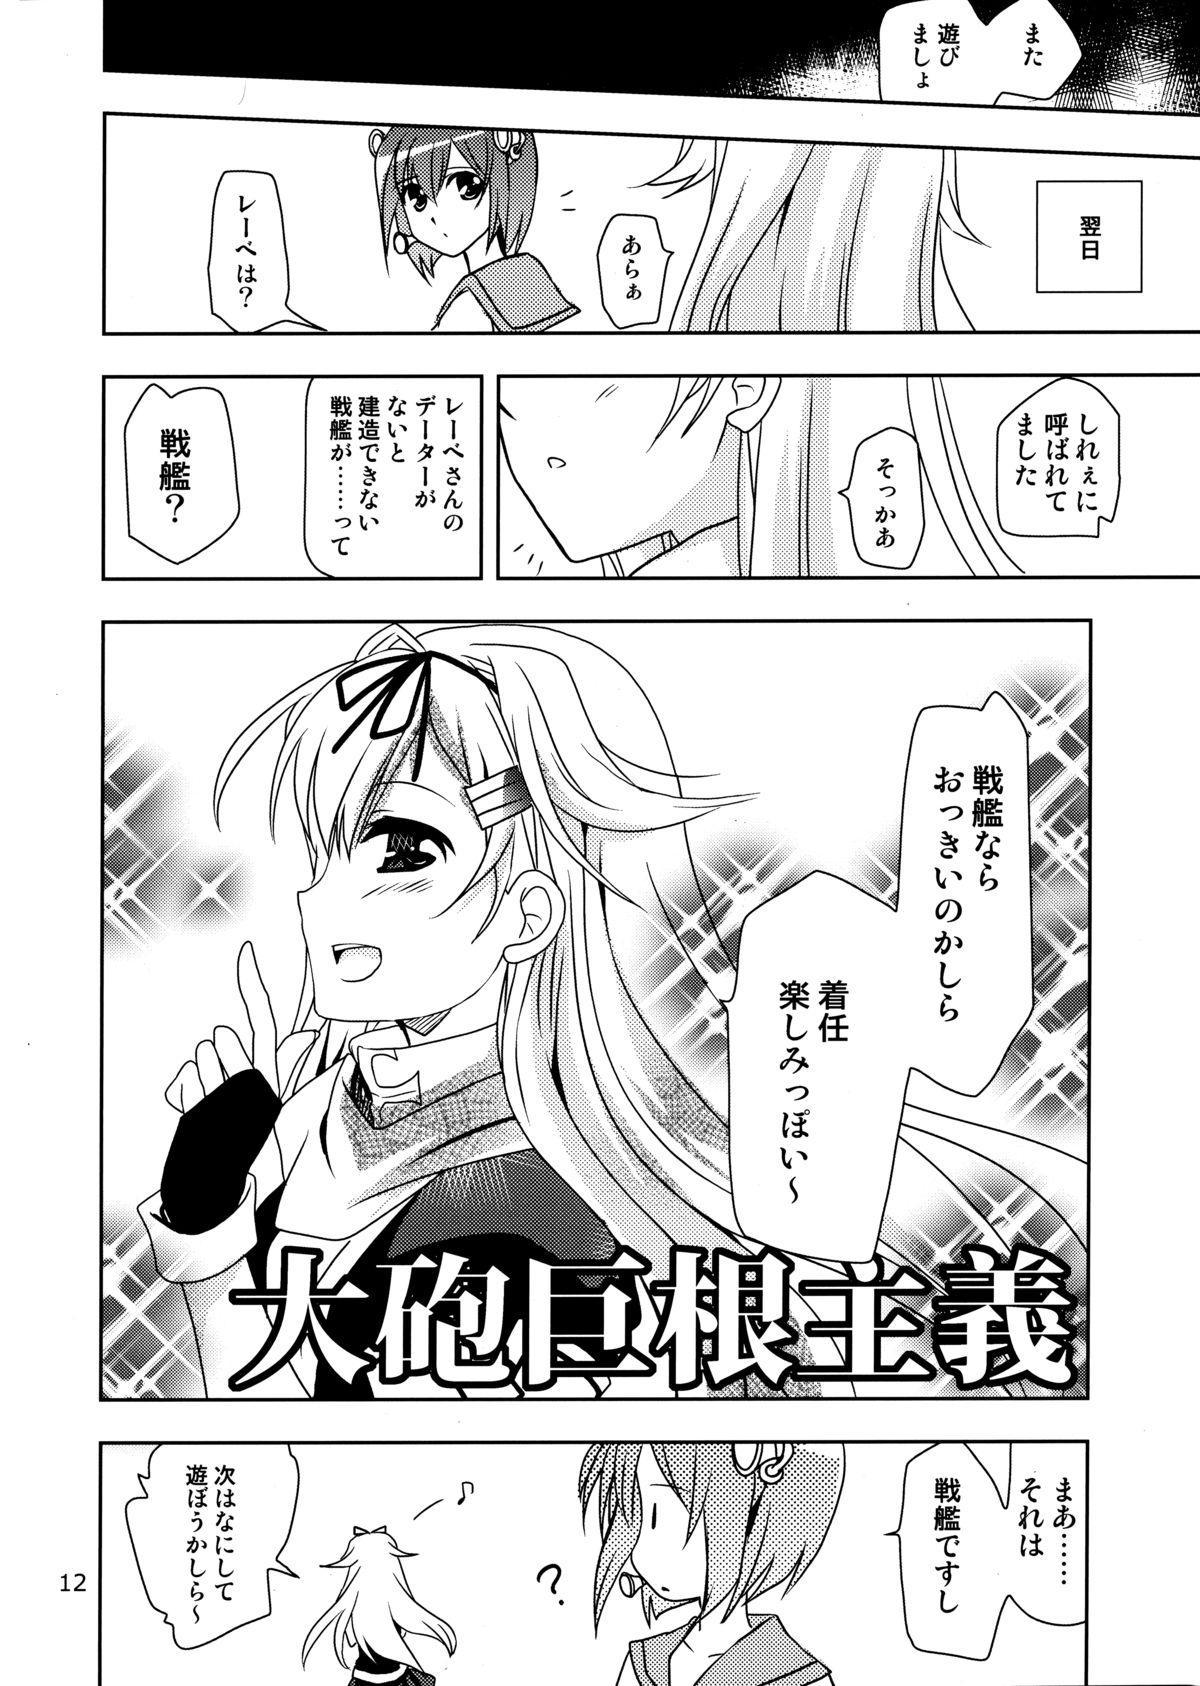 Dai 8 Kiiroi Kantai 11